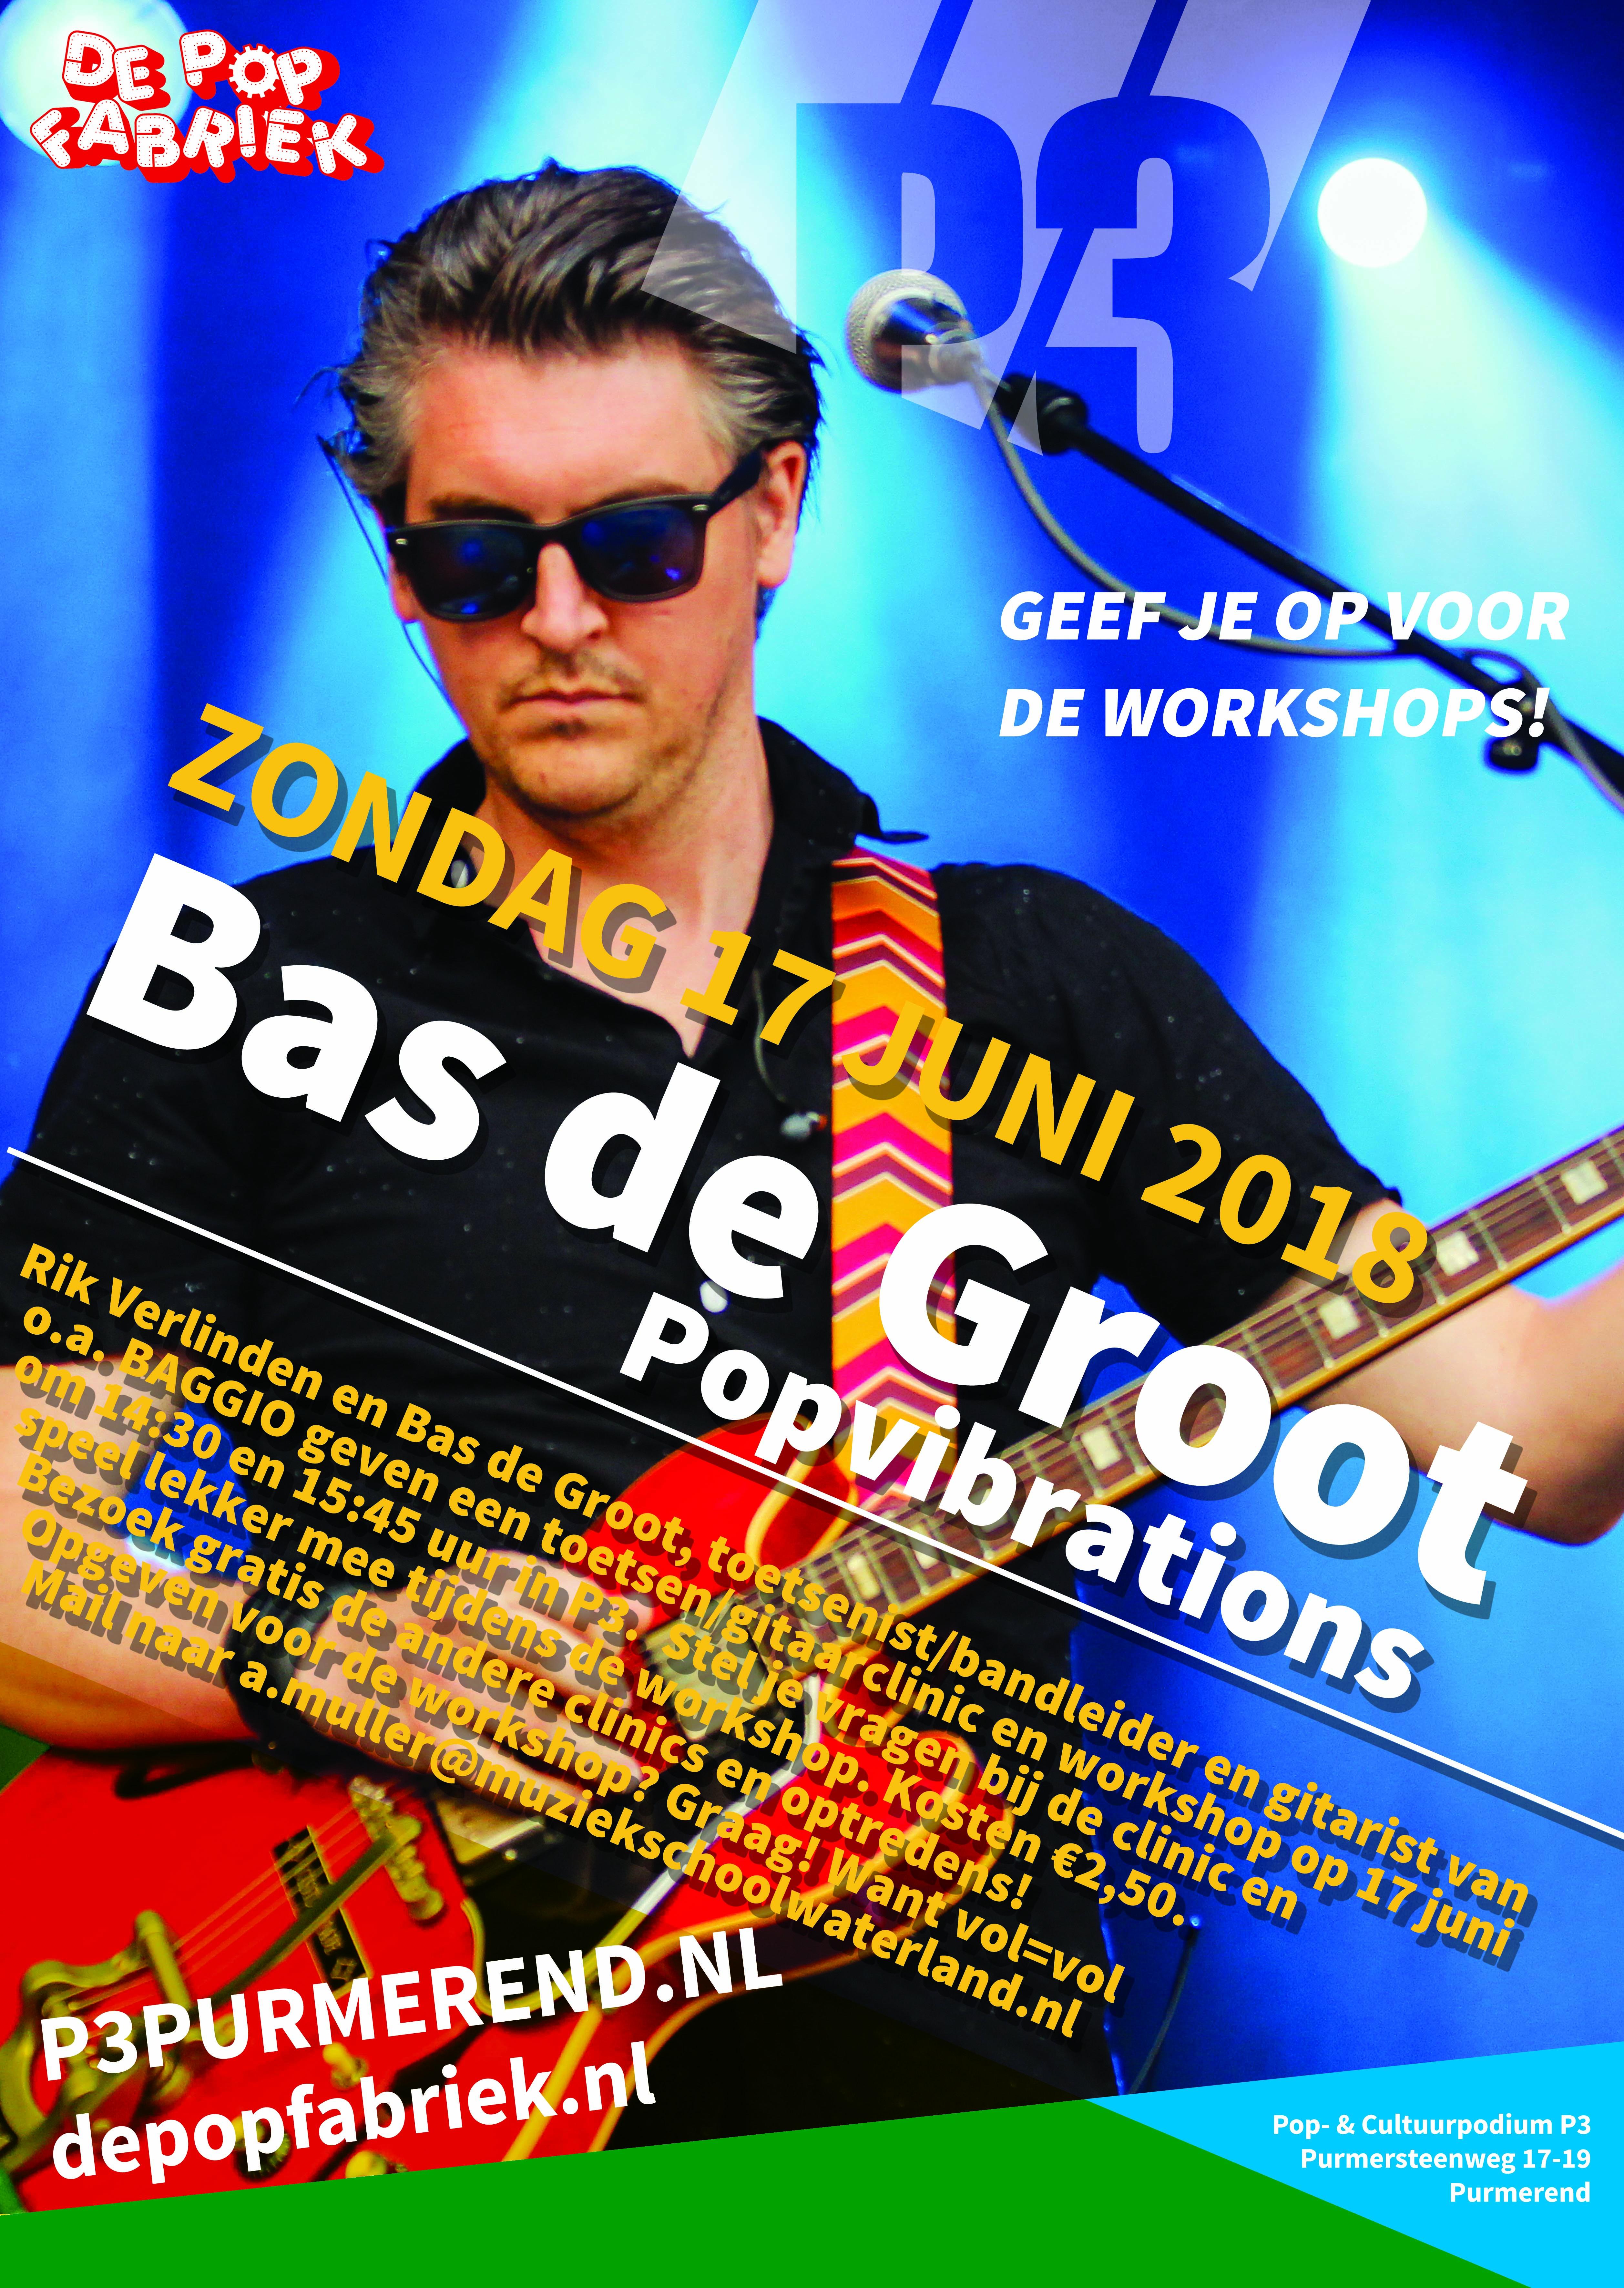 bas_de_groot